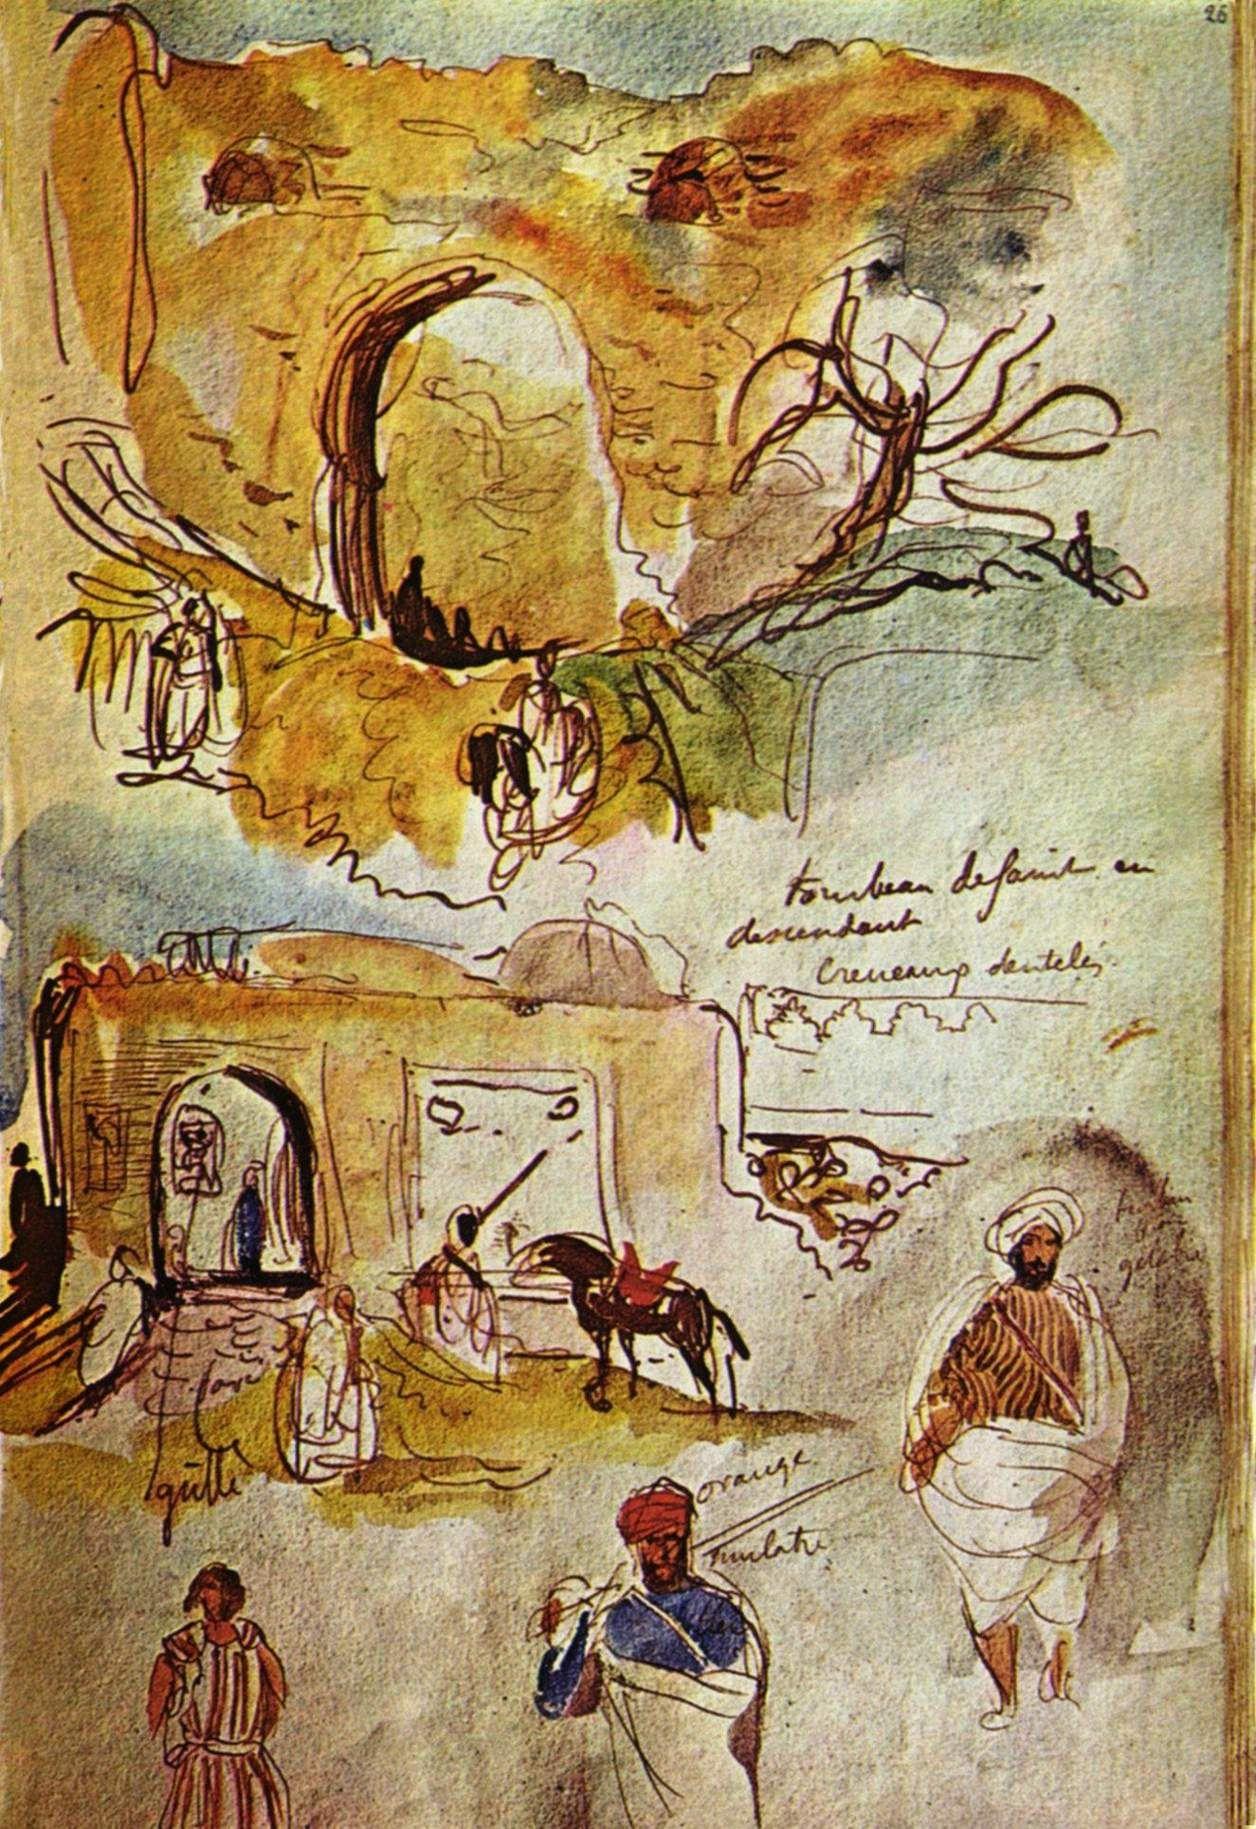 Extrait Du Carnet De Voyage Au Maroc D Eugene Delacroix 1832 Eskiz Sanatcilar Defter